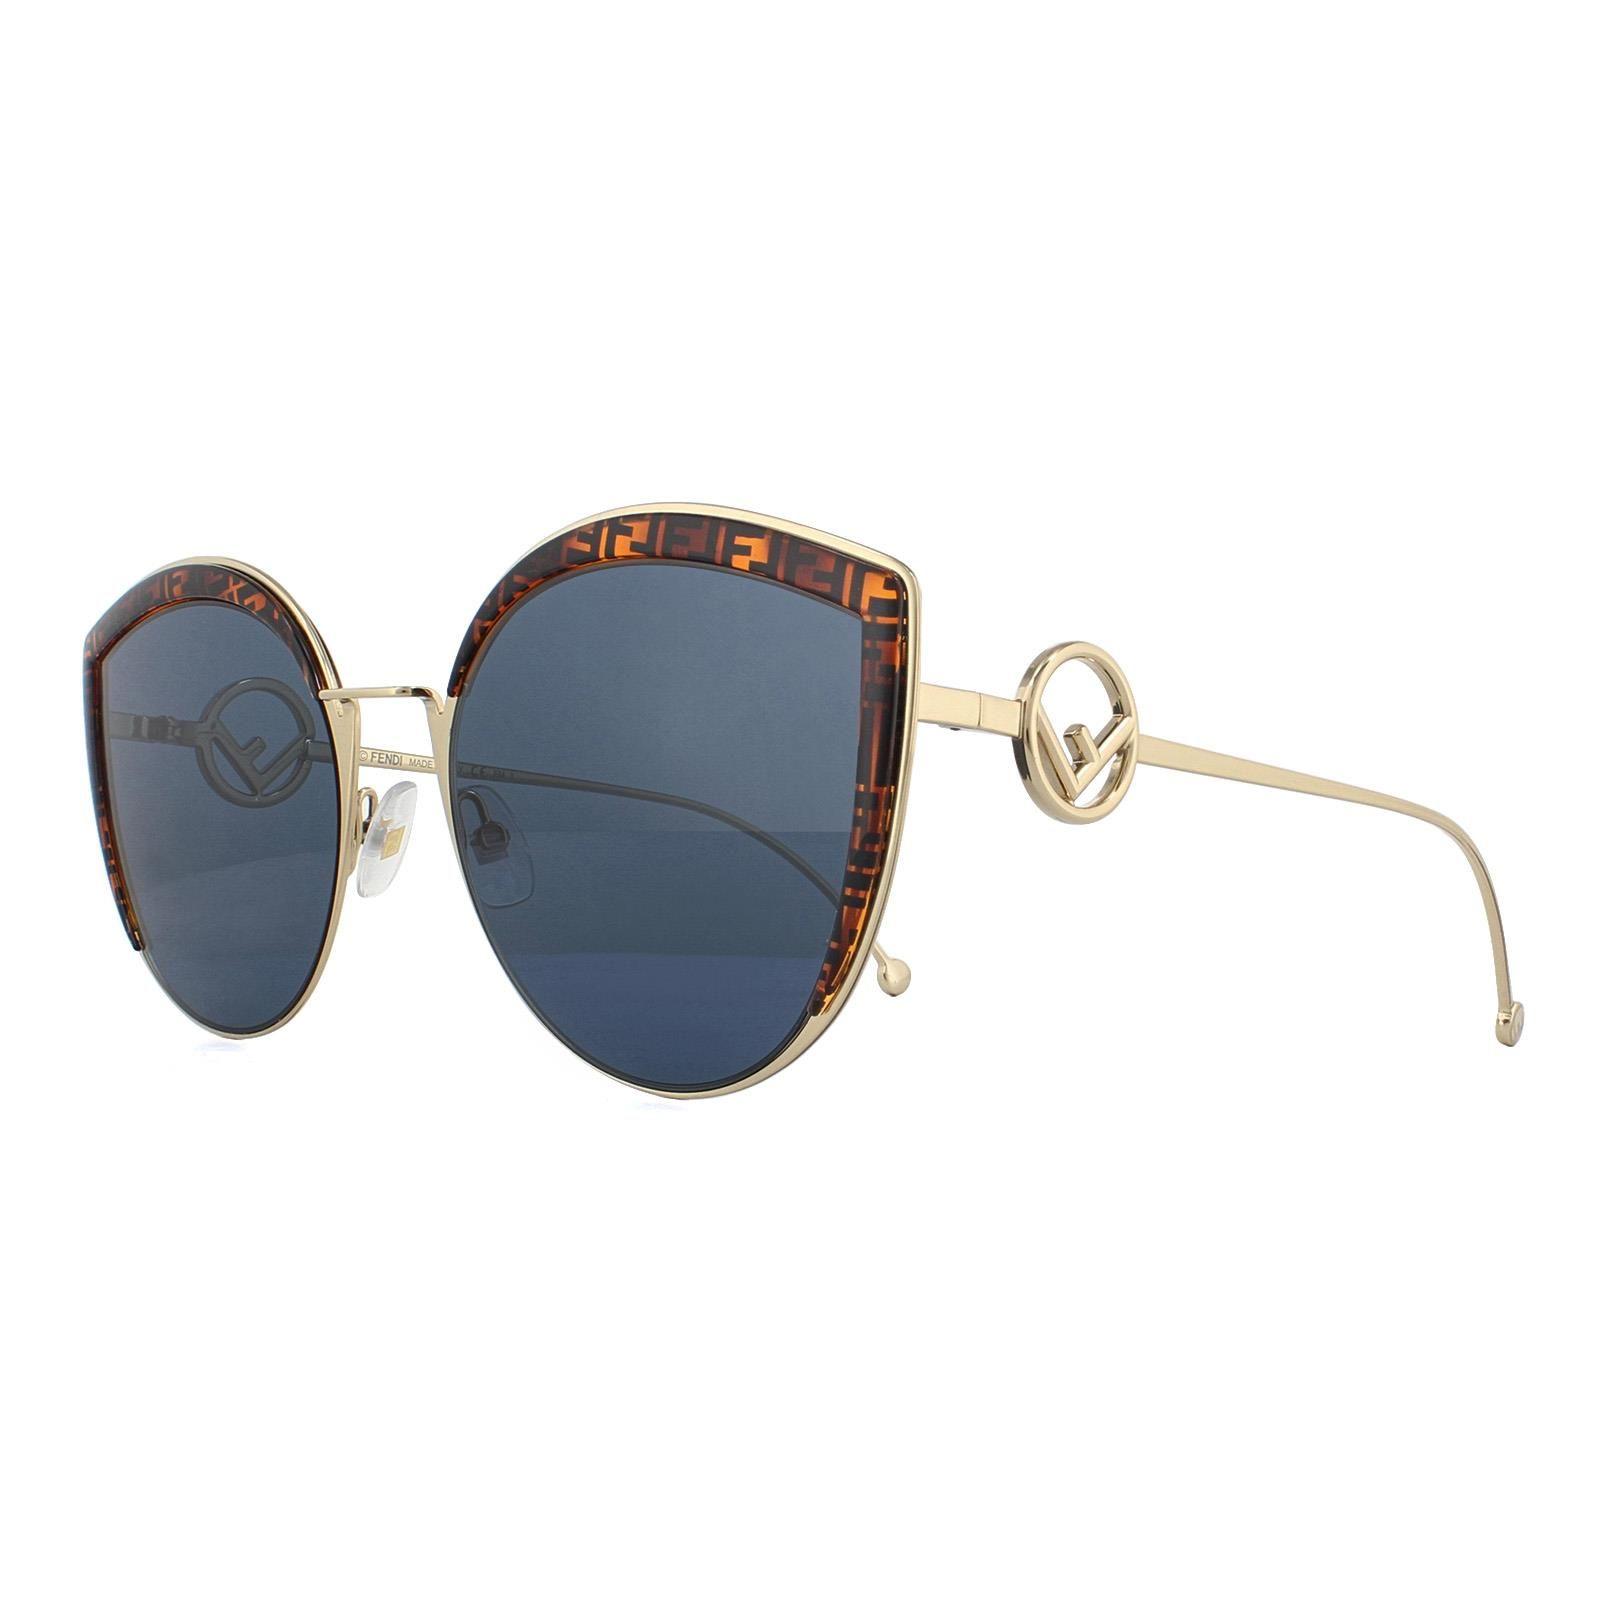 Fendi Sunglasses FF 0290/S J5G KU Gold and Brown Fendi Pattern Blue